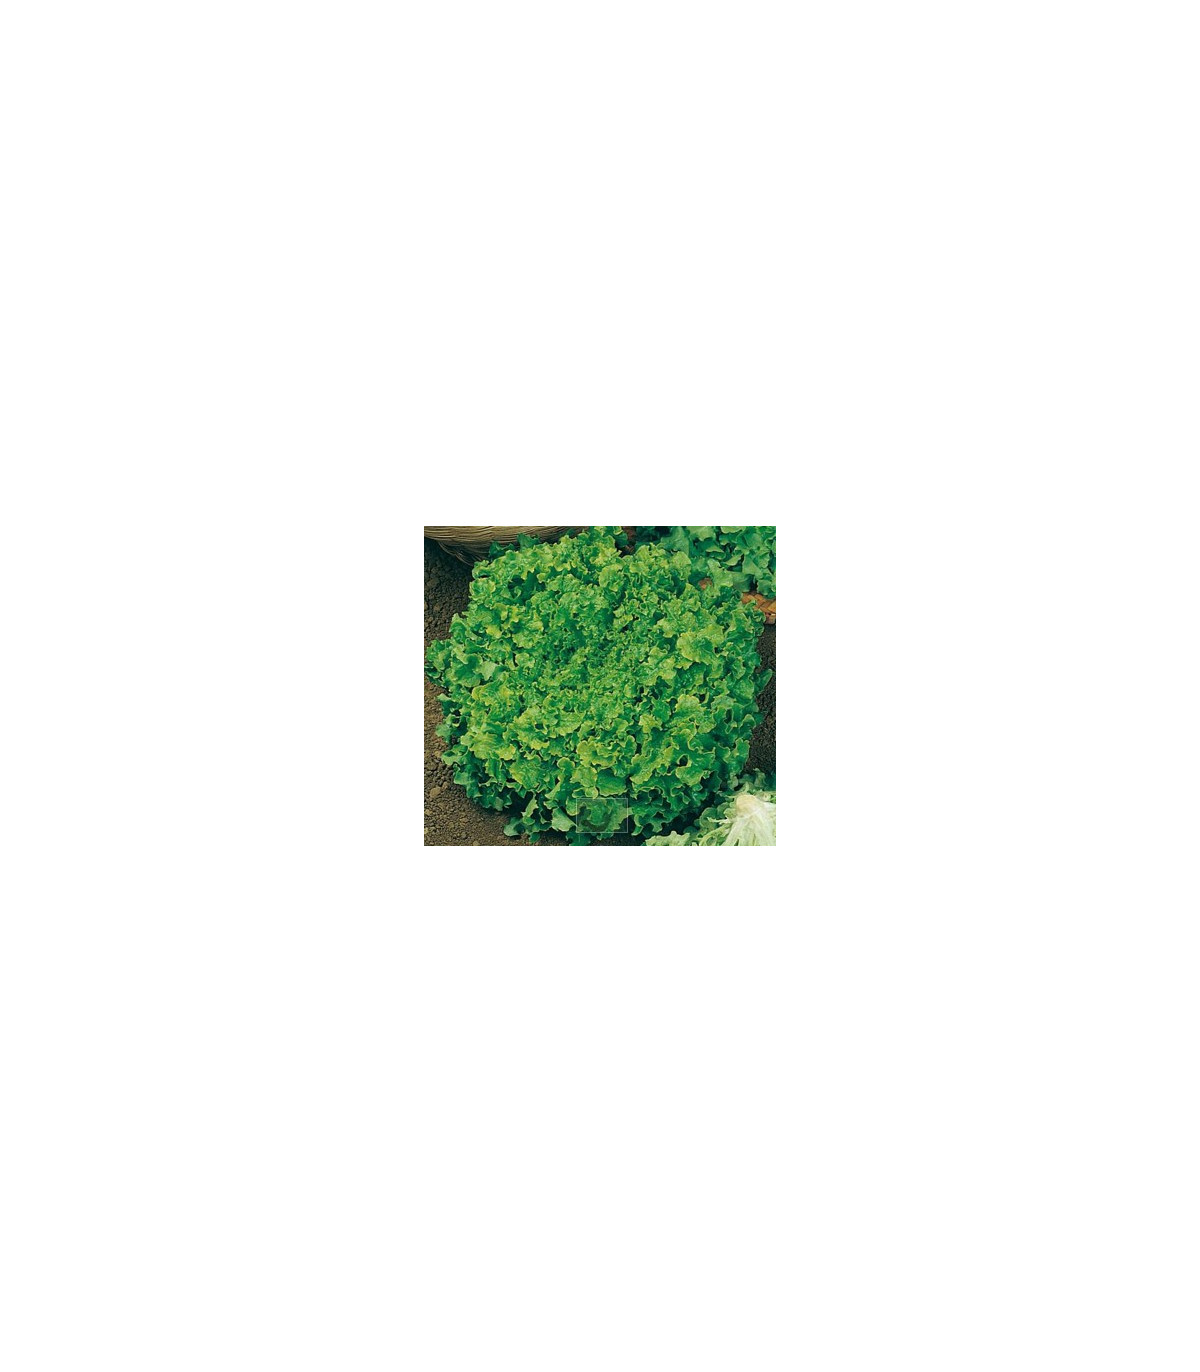 Salát hlávkový Maikönig - prodej semen salátu - Lactusa sativa - 1 gr